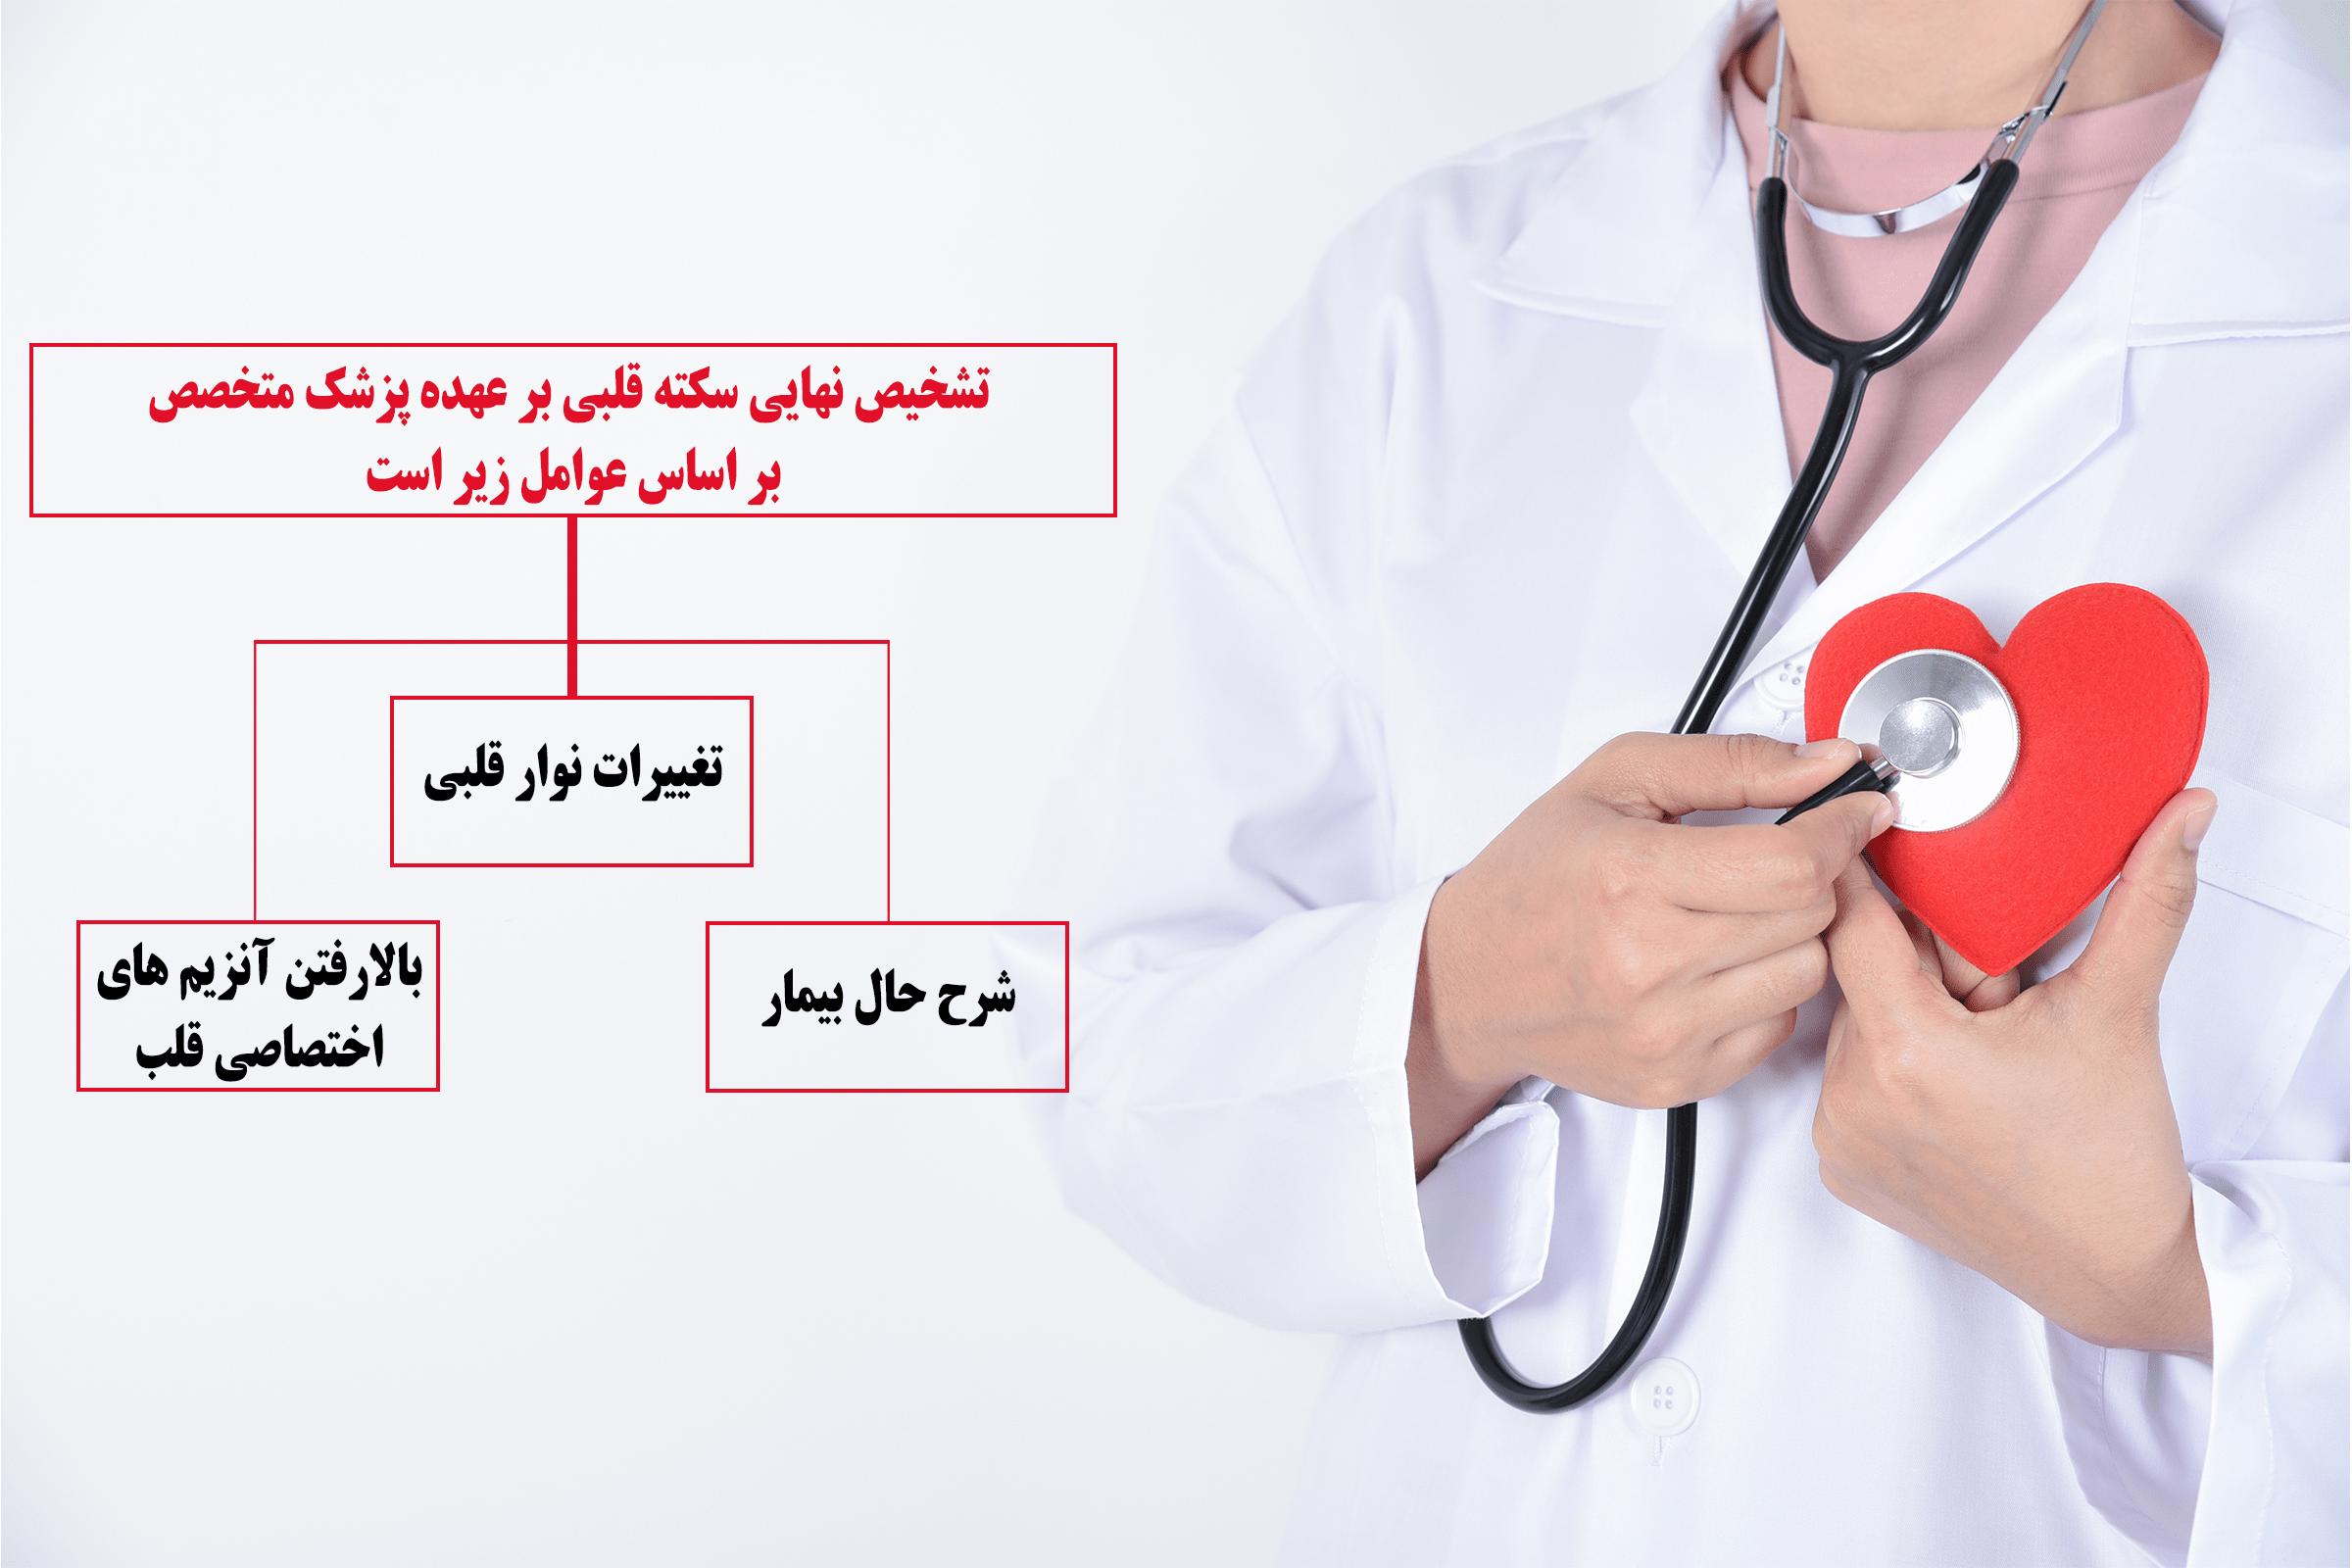 تشخیص سکته قلبی